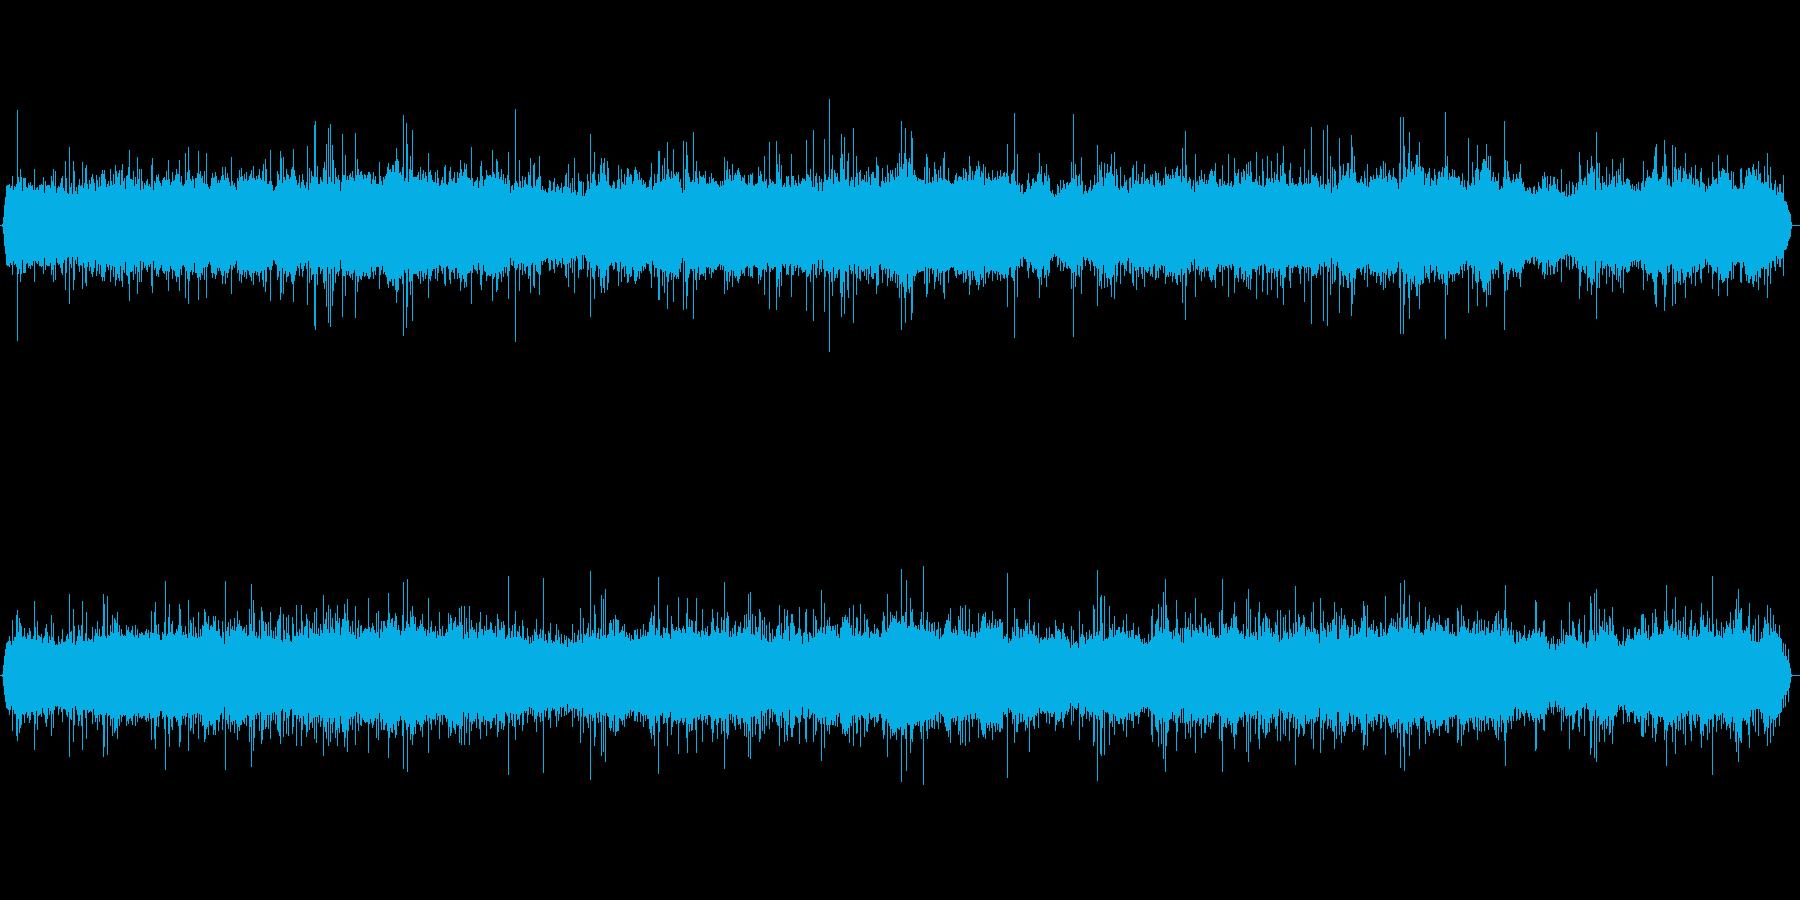 『雨の日』の低音をカットしたバージョン…の再生済みの波形